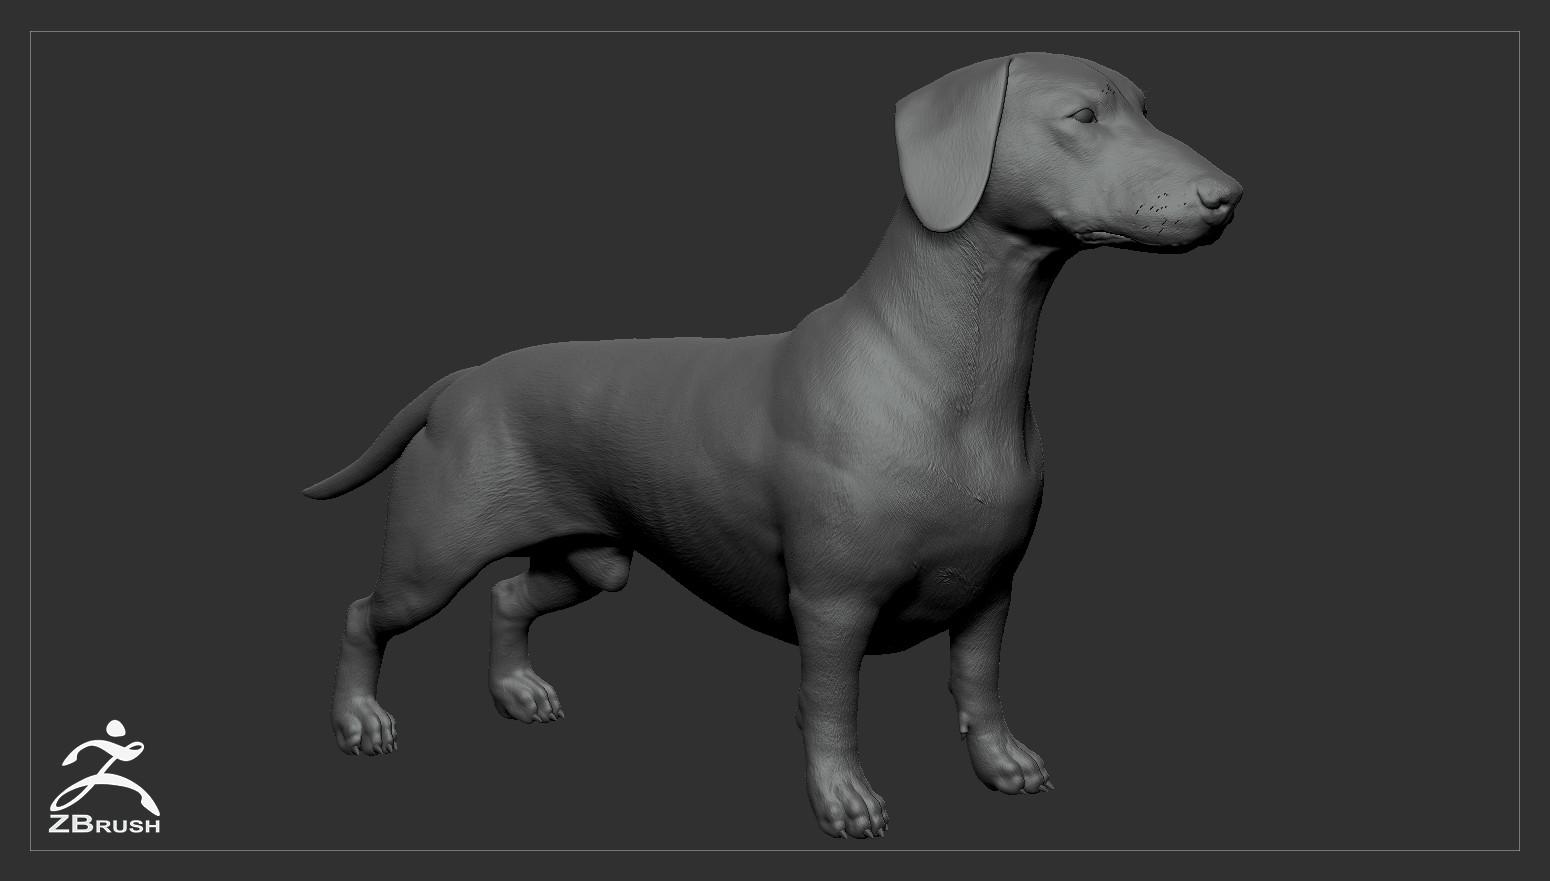 Alex lashko dachshund by alexlashko zbrush 01